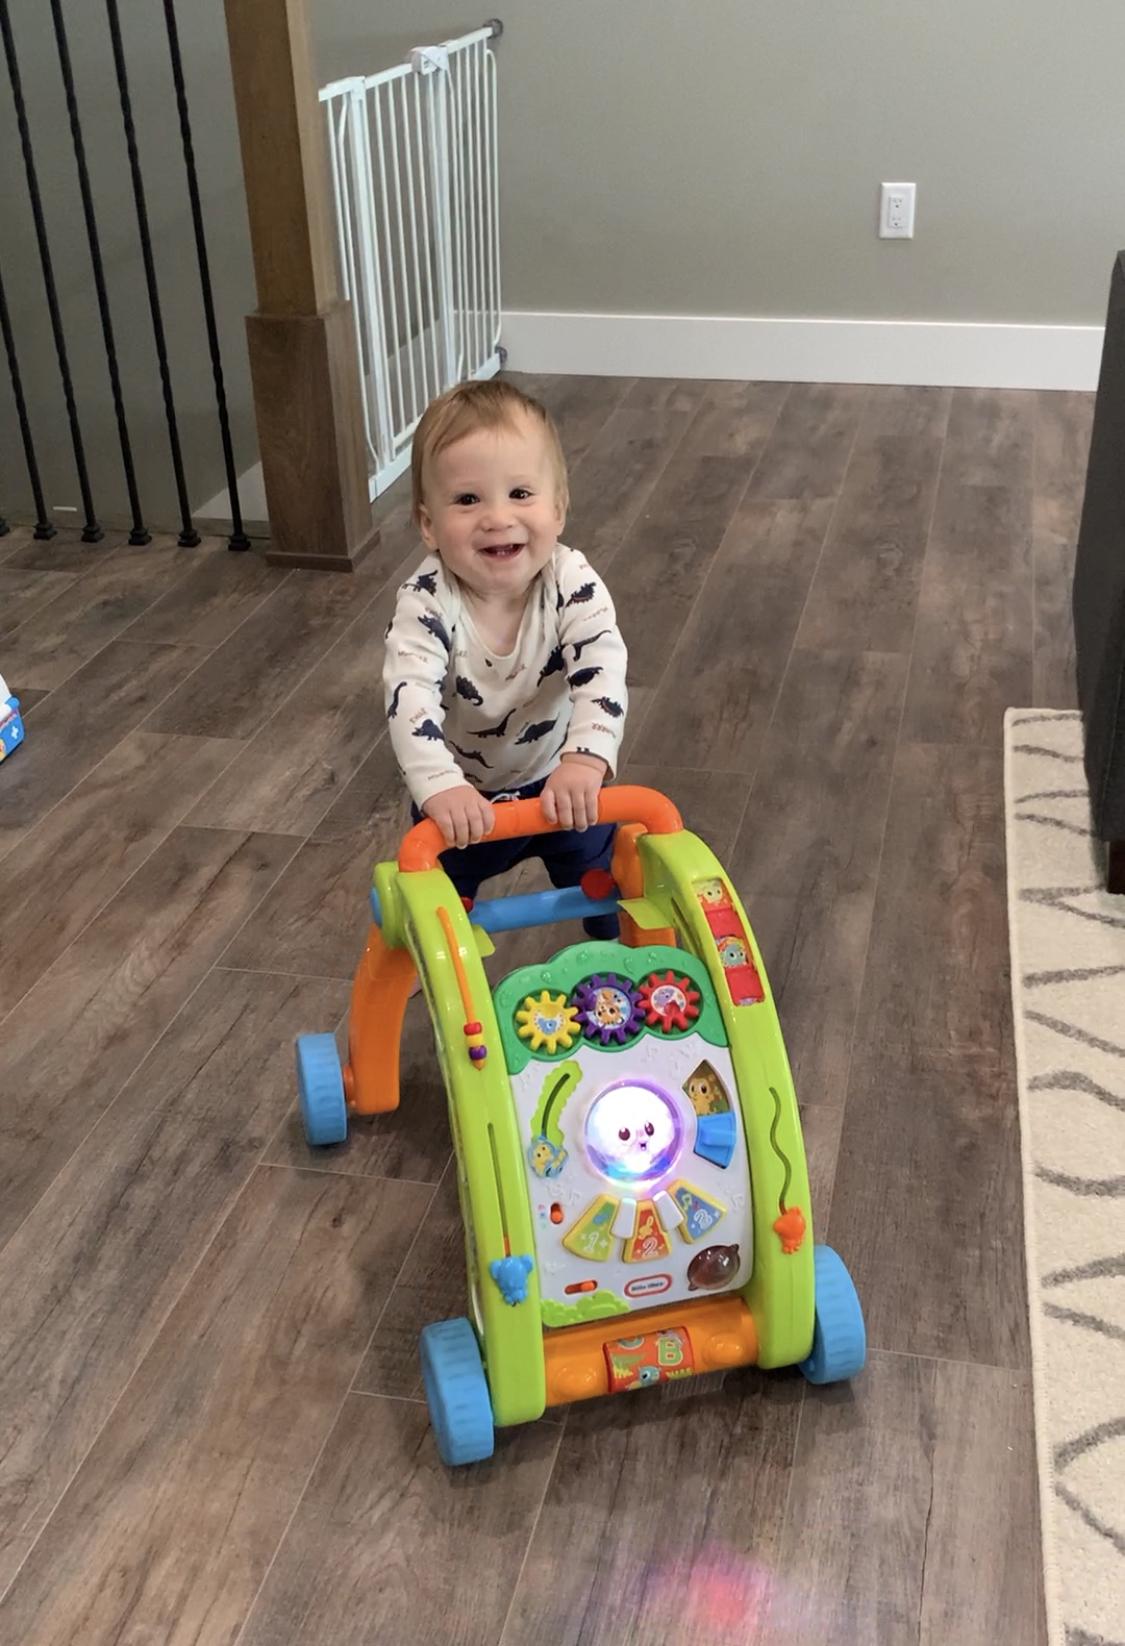 Brody-walking